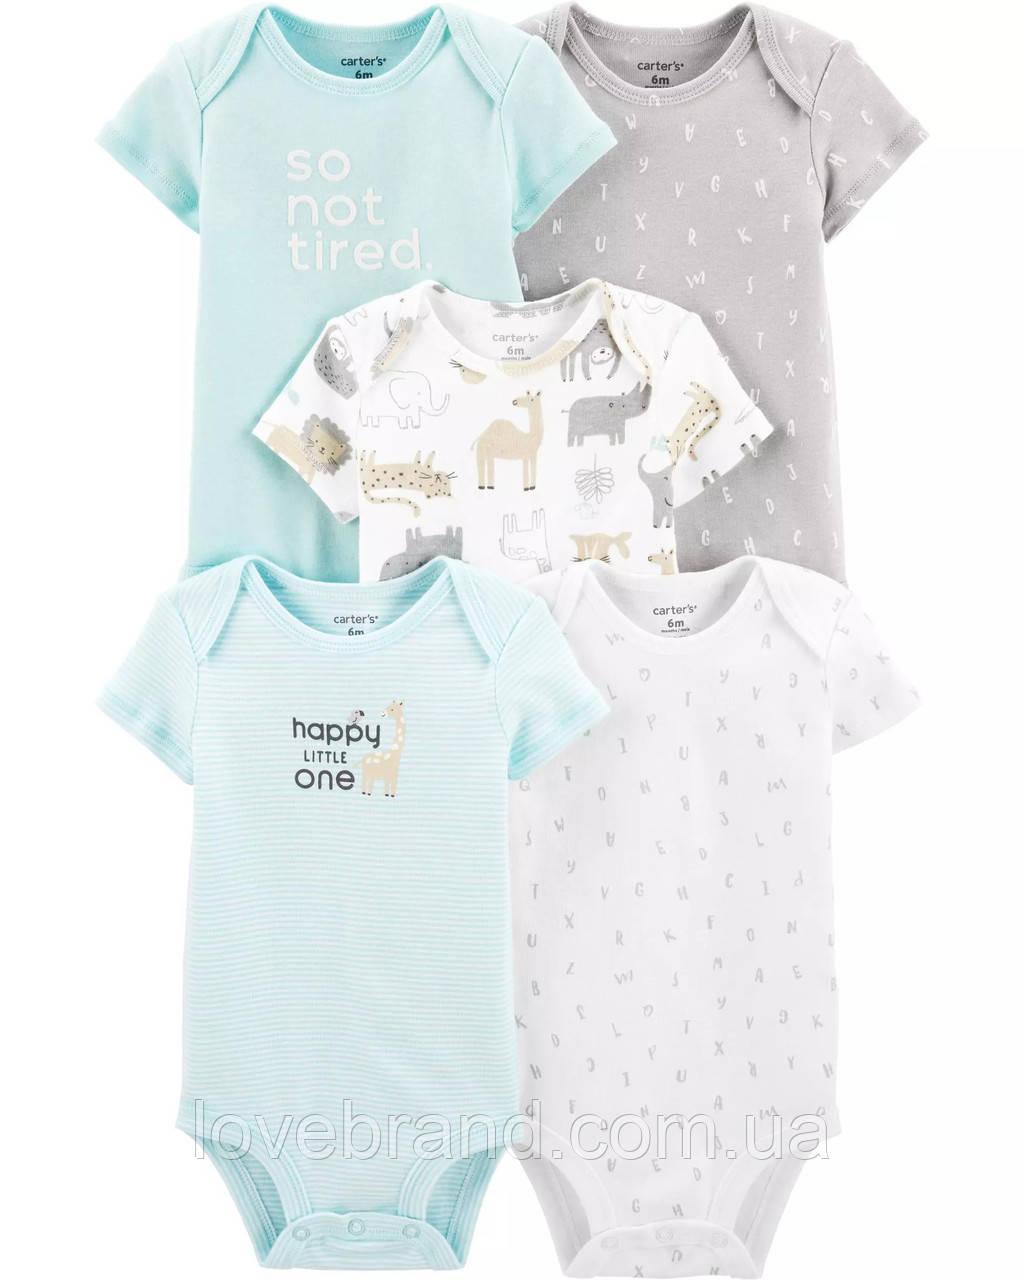 Набор бодиков Carter's для мальчика, бодики для новорожденных картерс 3 мес/55-61 см